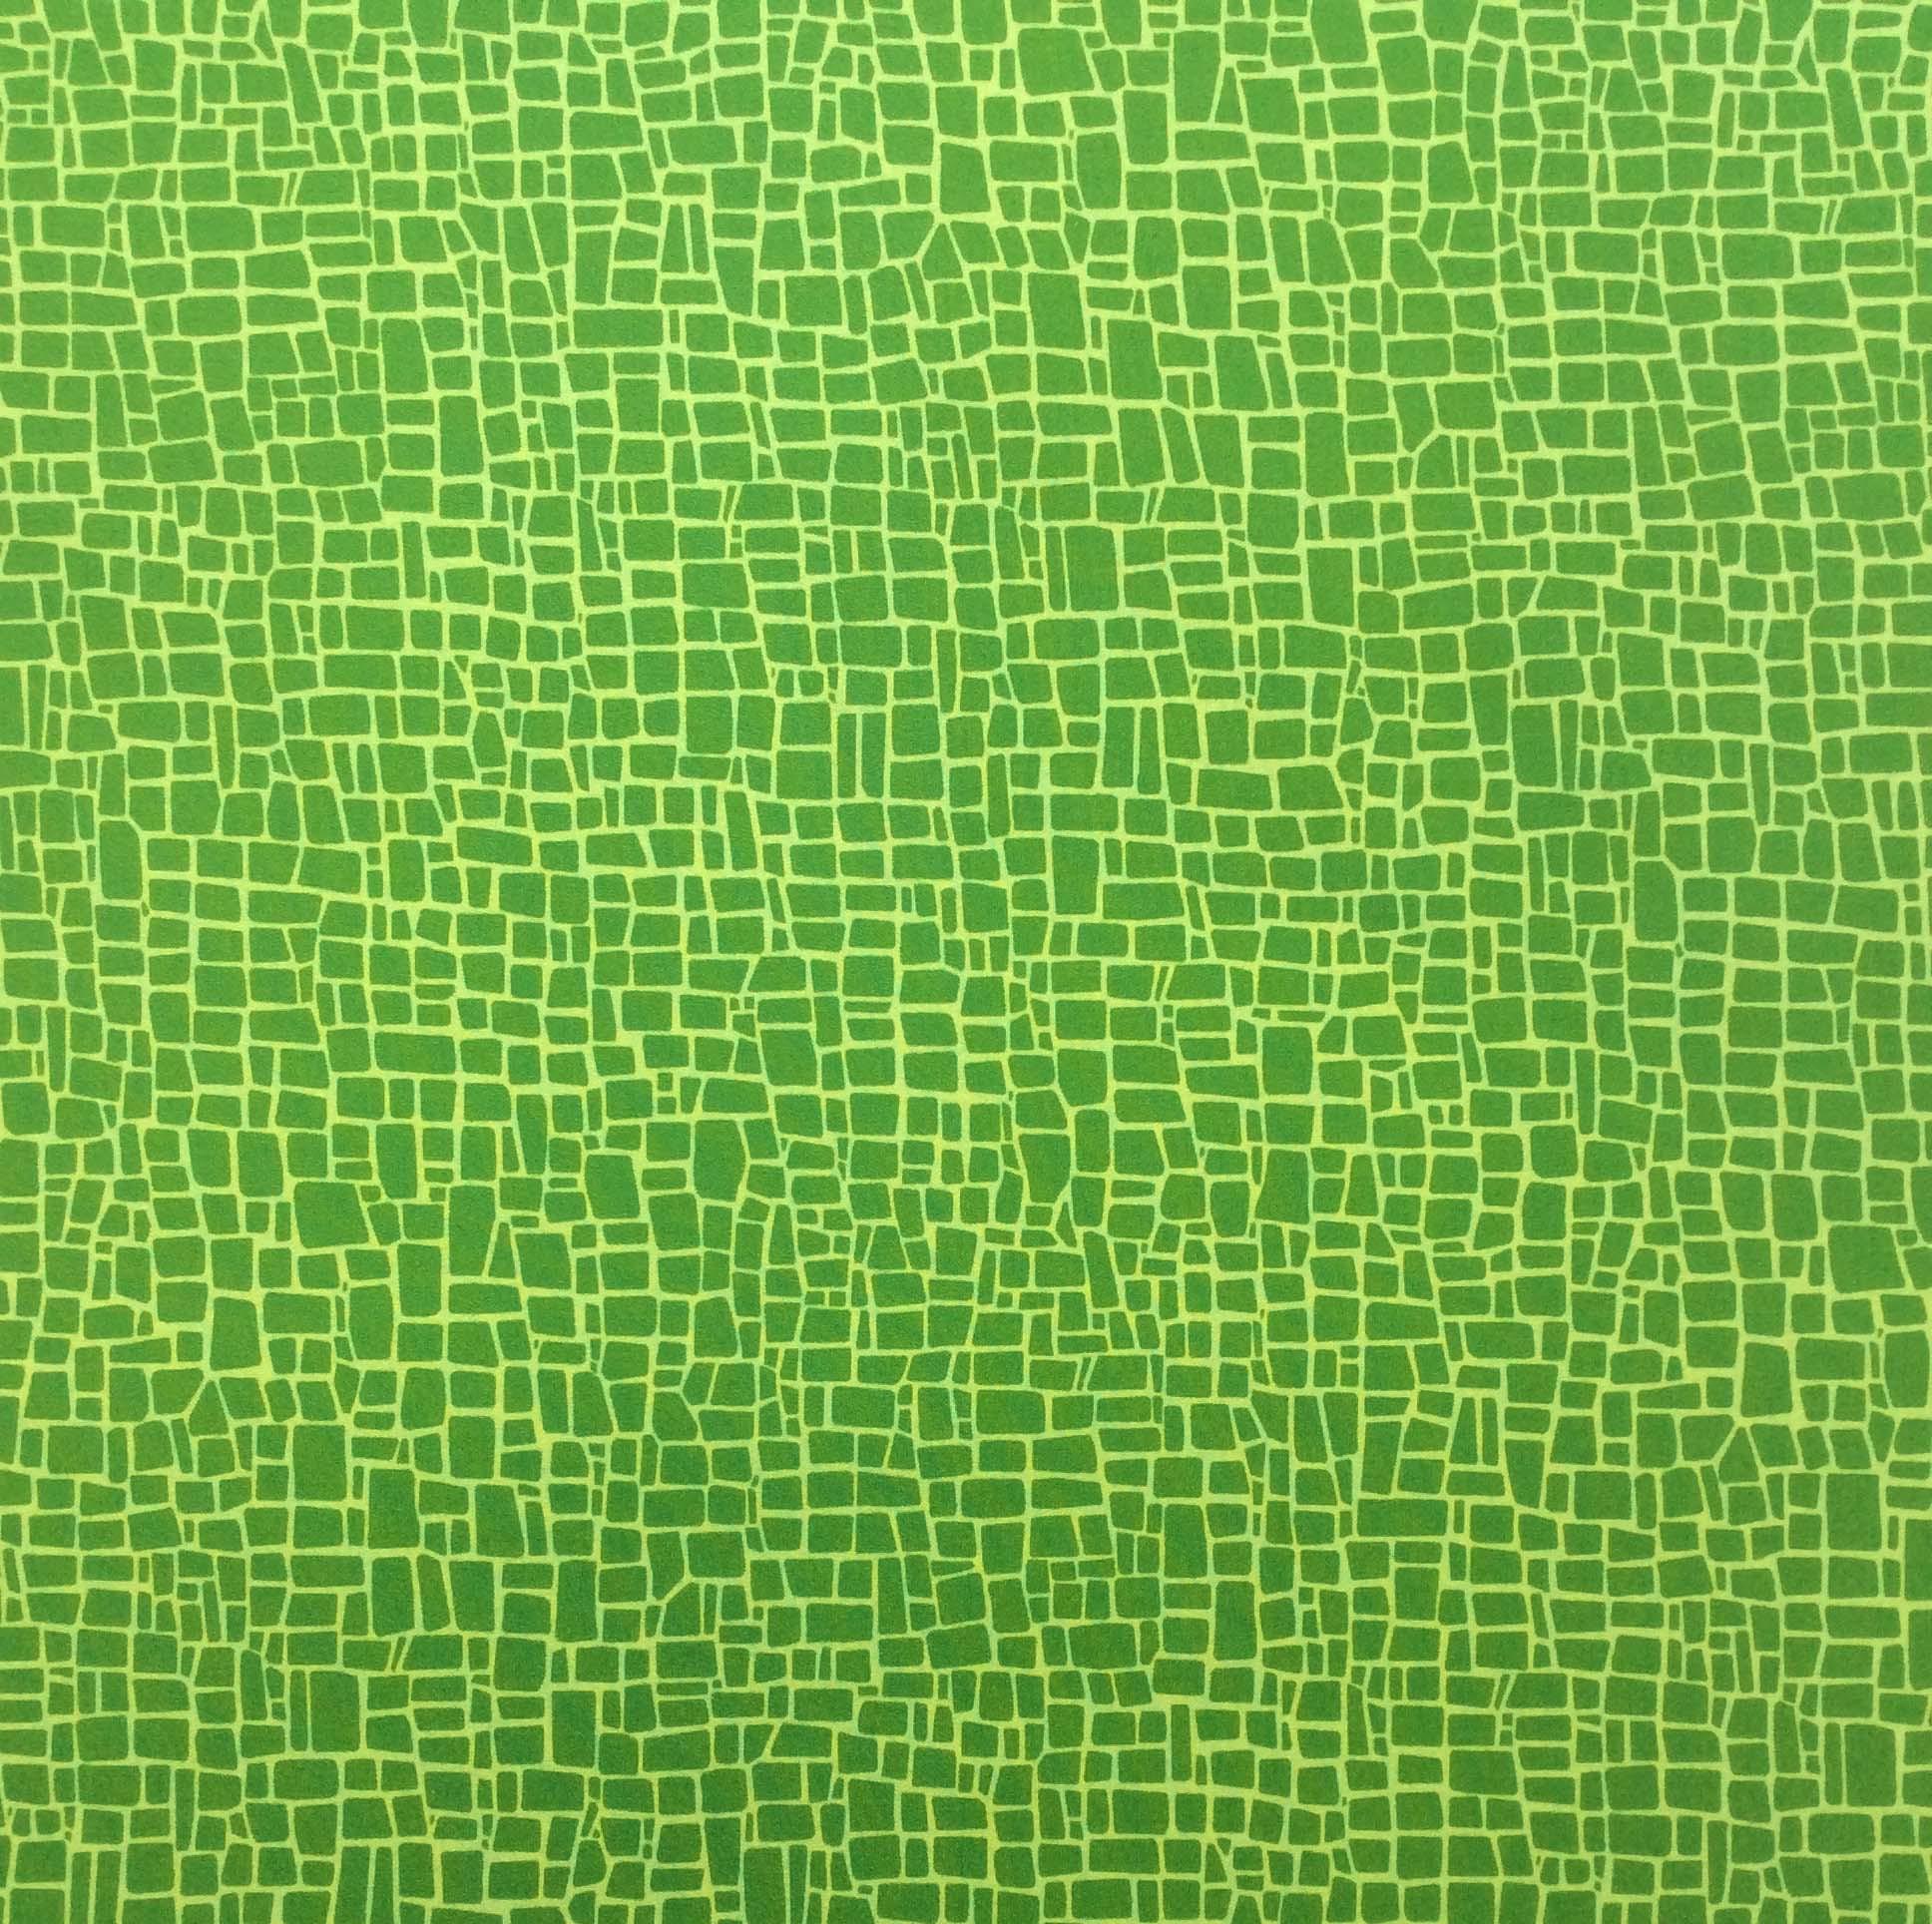 Dinoroar Grass